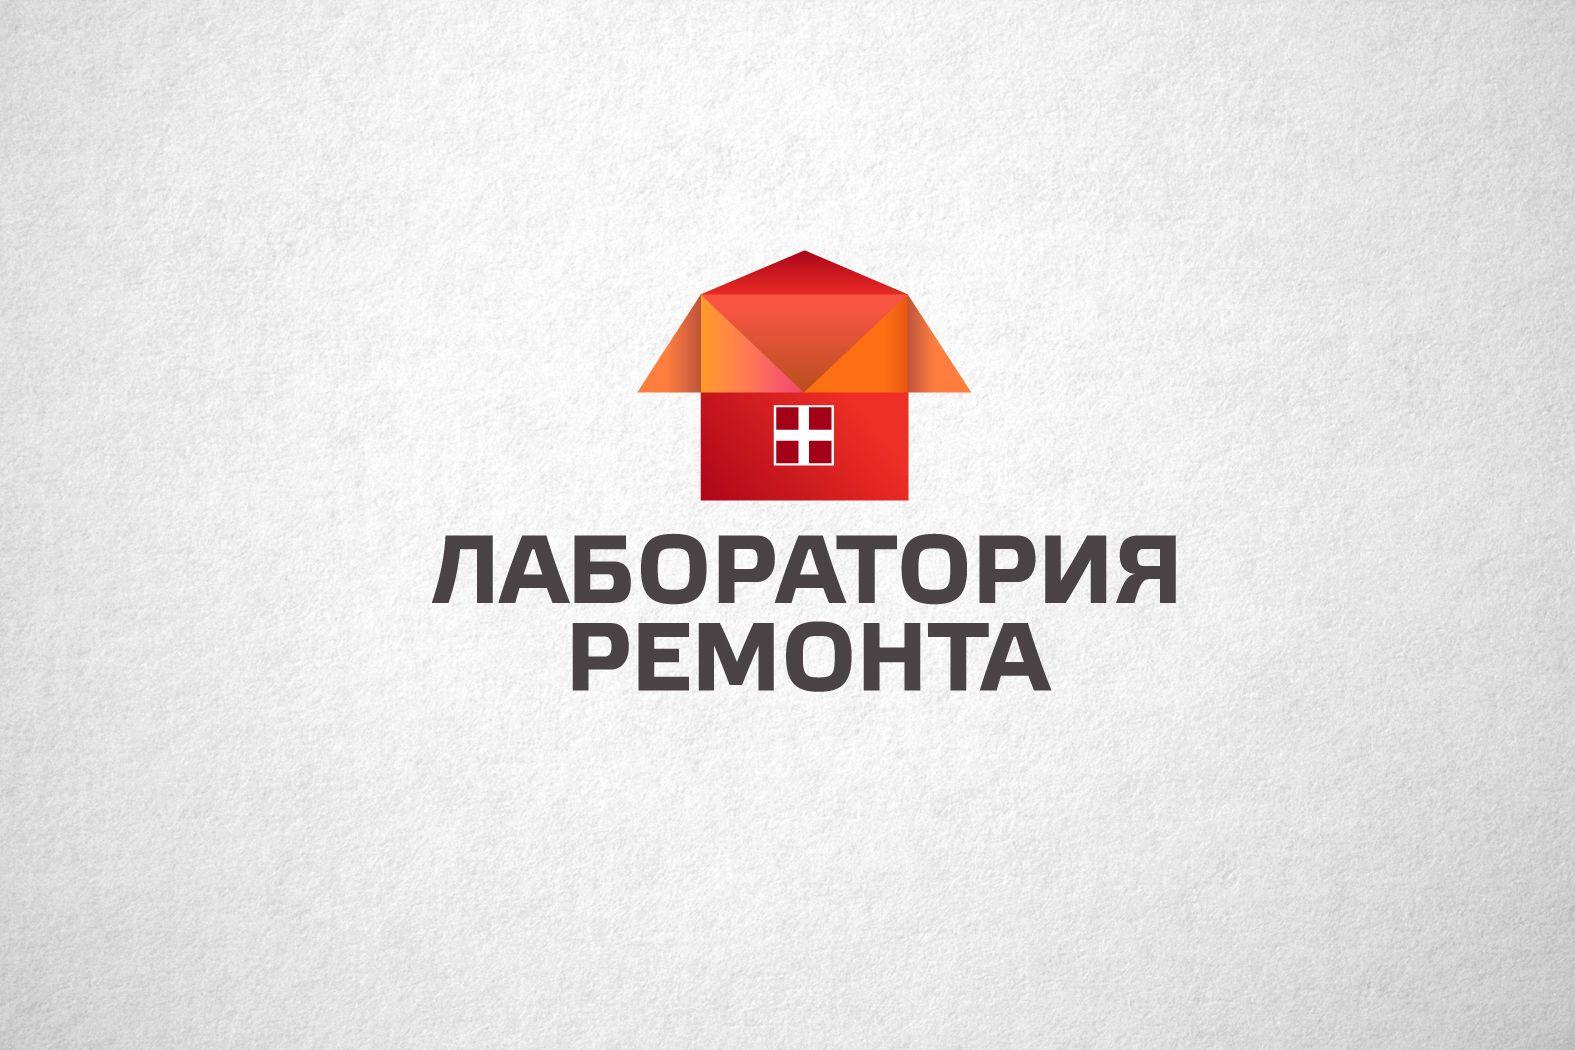 Разработка логотипа компании по ремонту и дизайну - дизайнер funkielevis